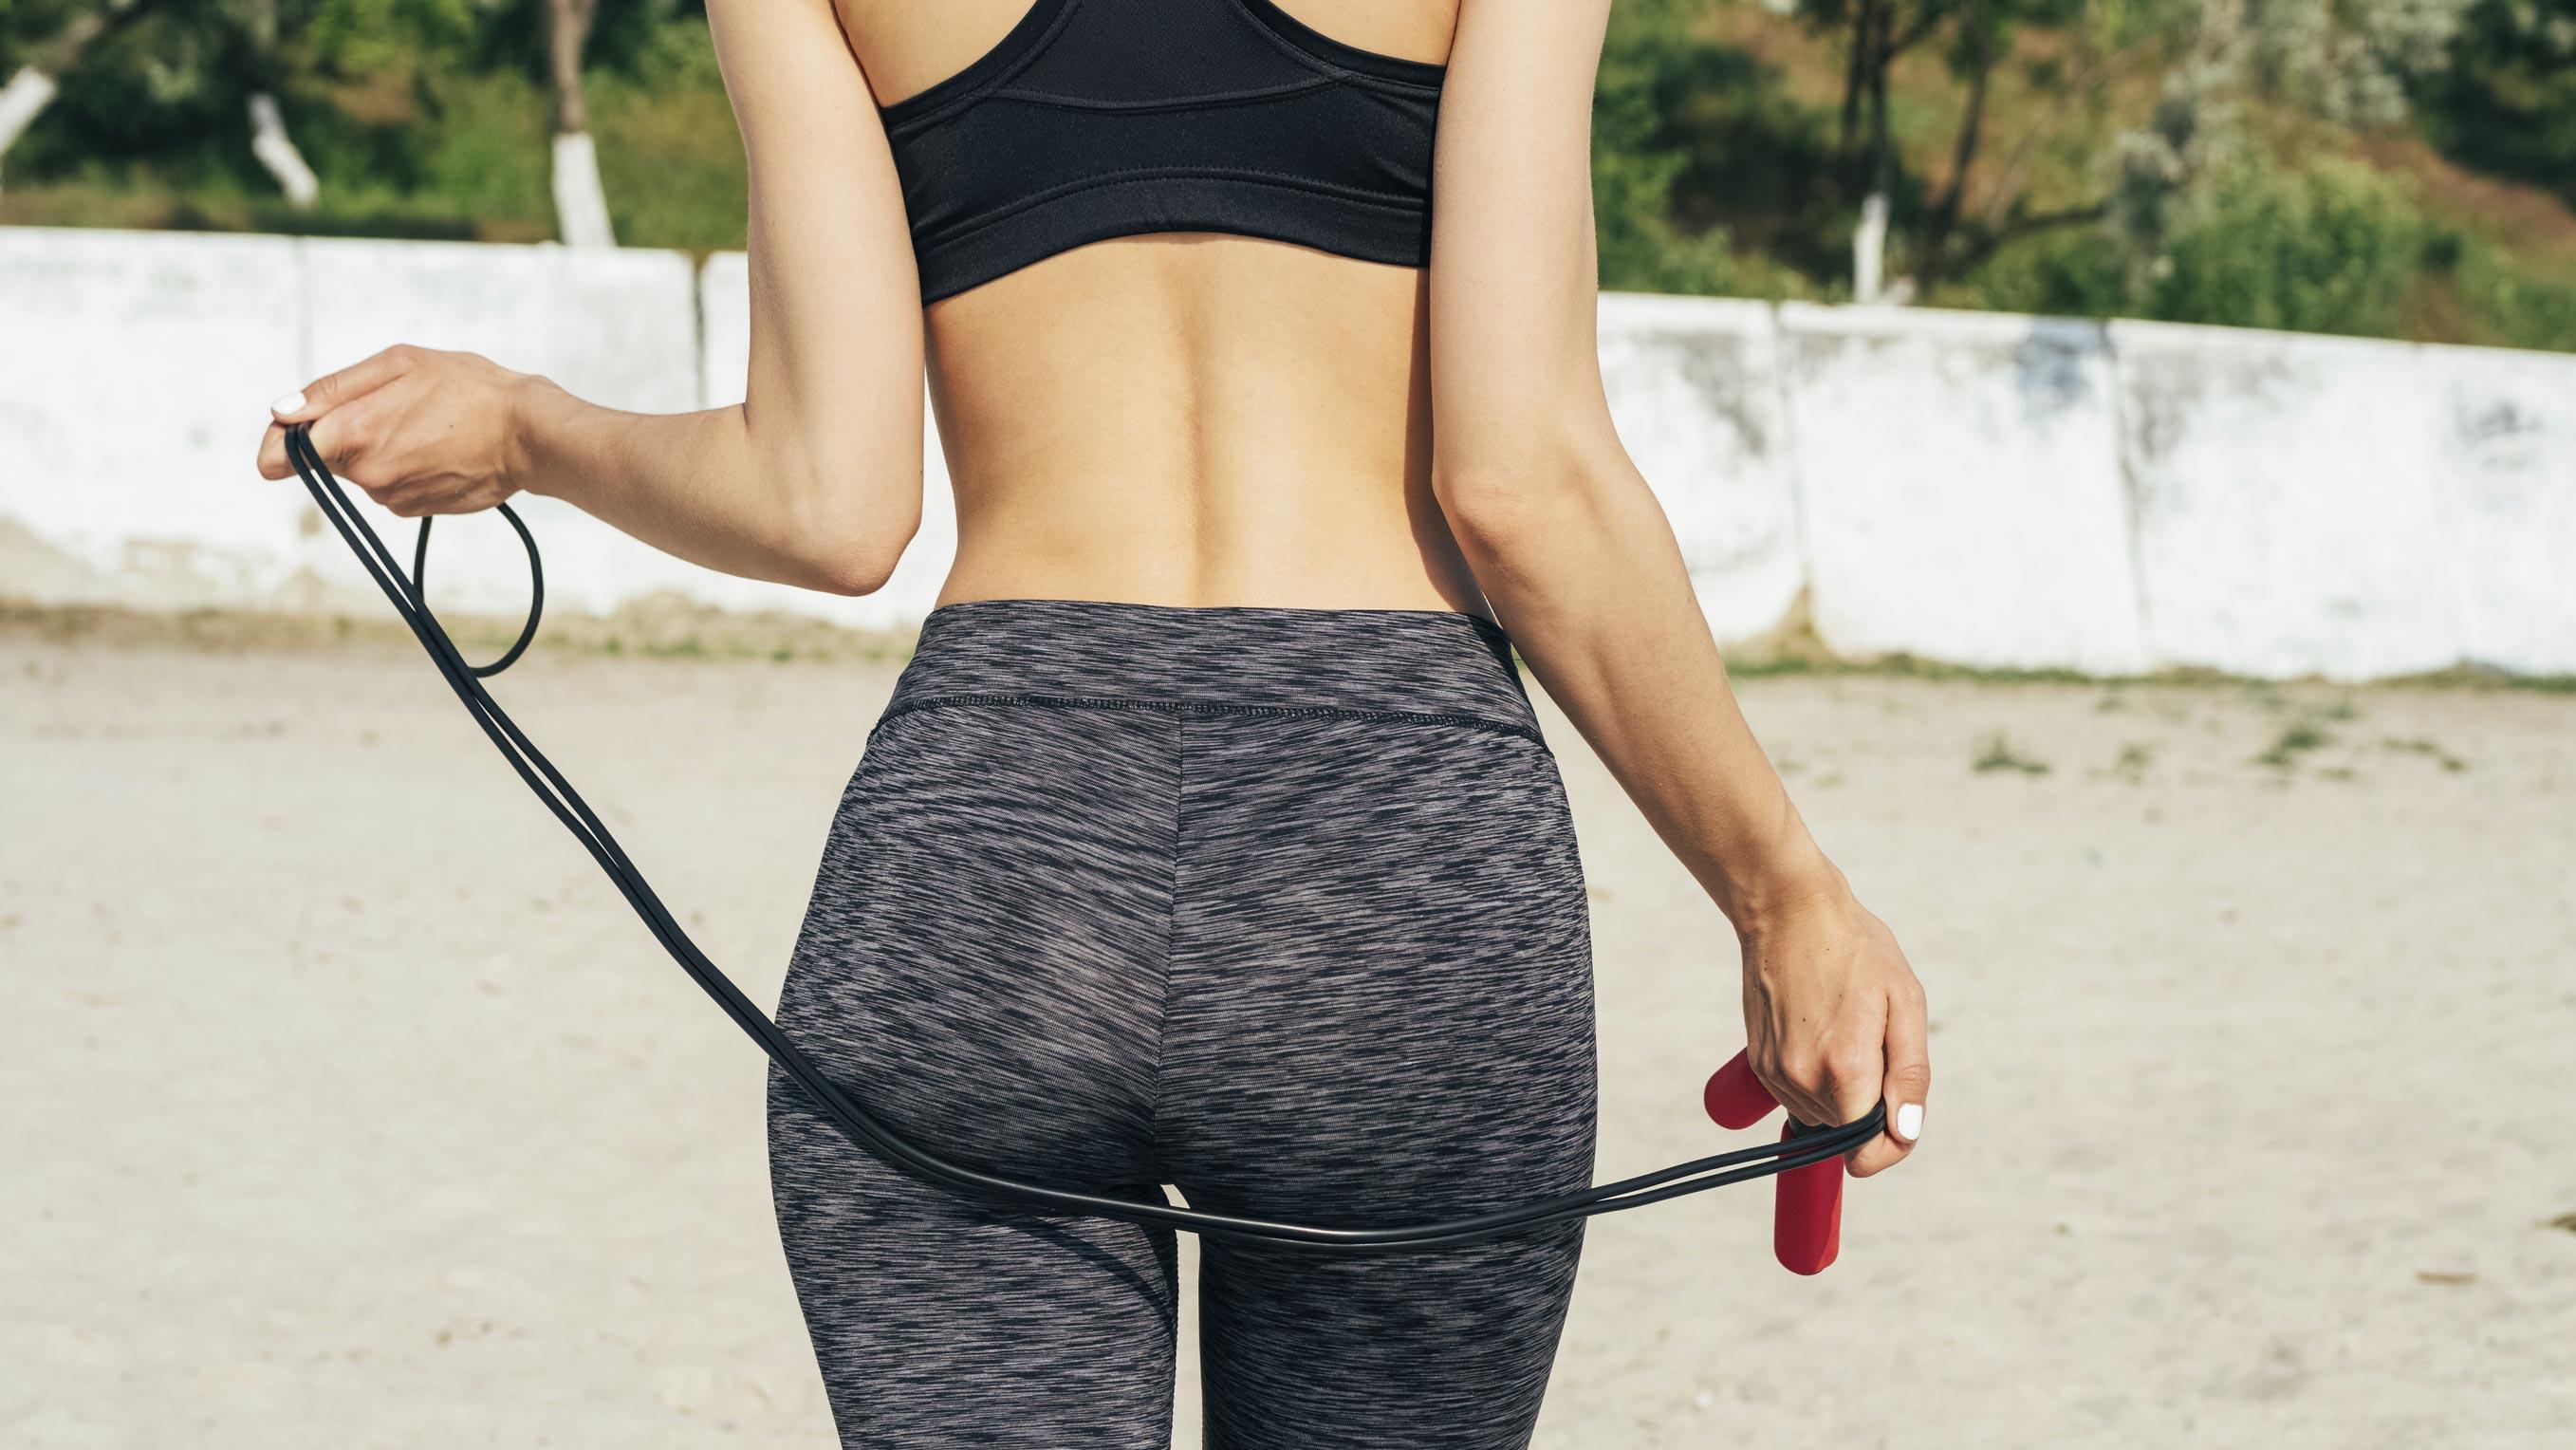 Comment perdre des hanches : exercices et conseils